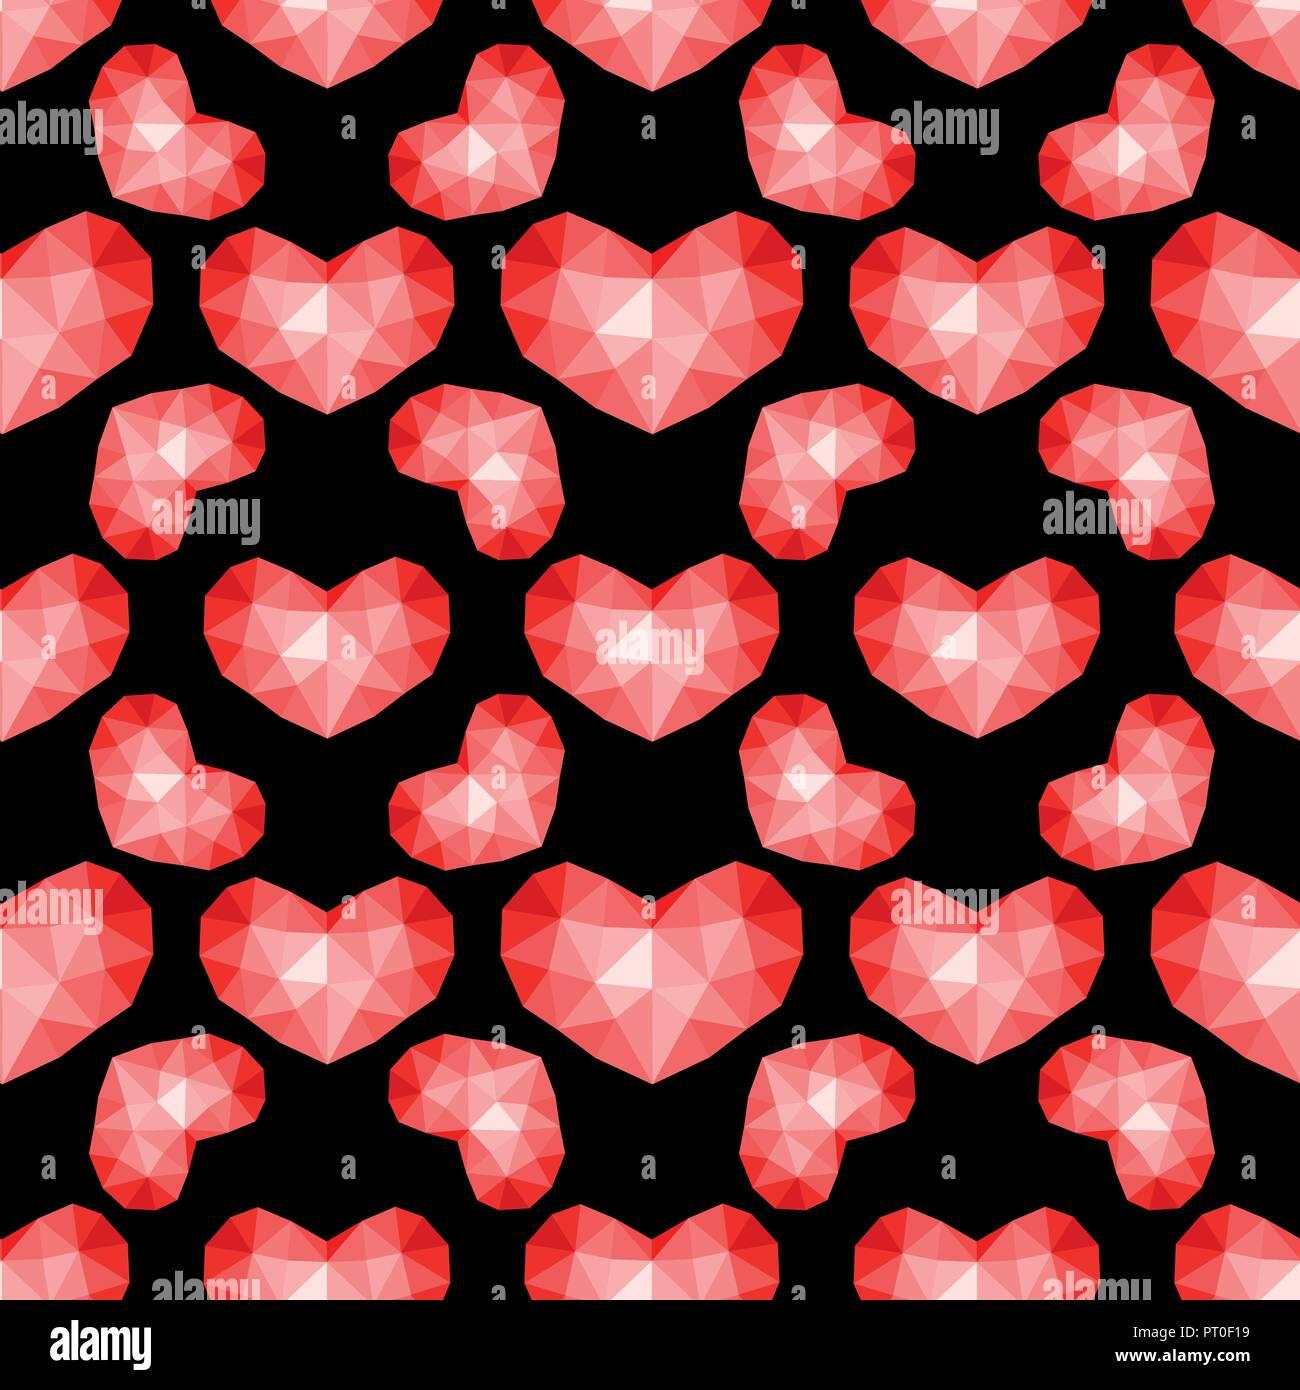 Vektor nahtlose Muster. Abstrakt wiederholende Textur mit chaotischen Herzen. Stilvolle hipster Textur. Stockbild